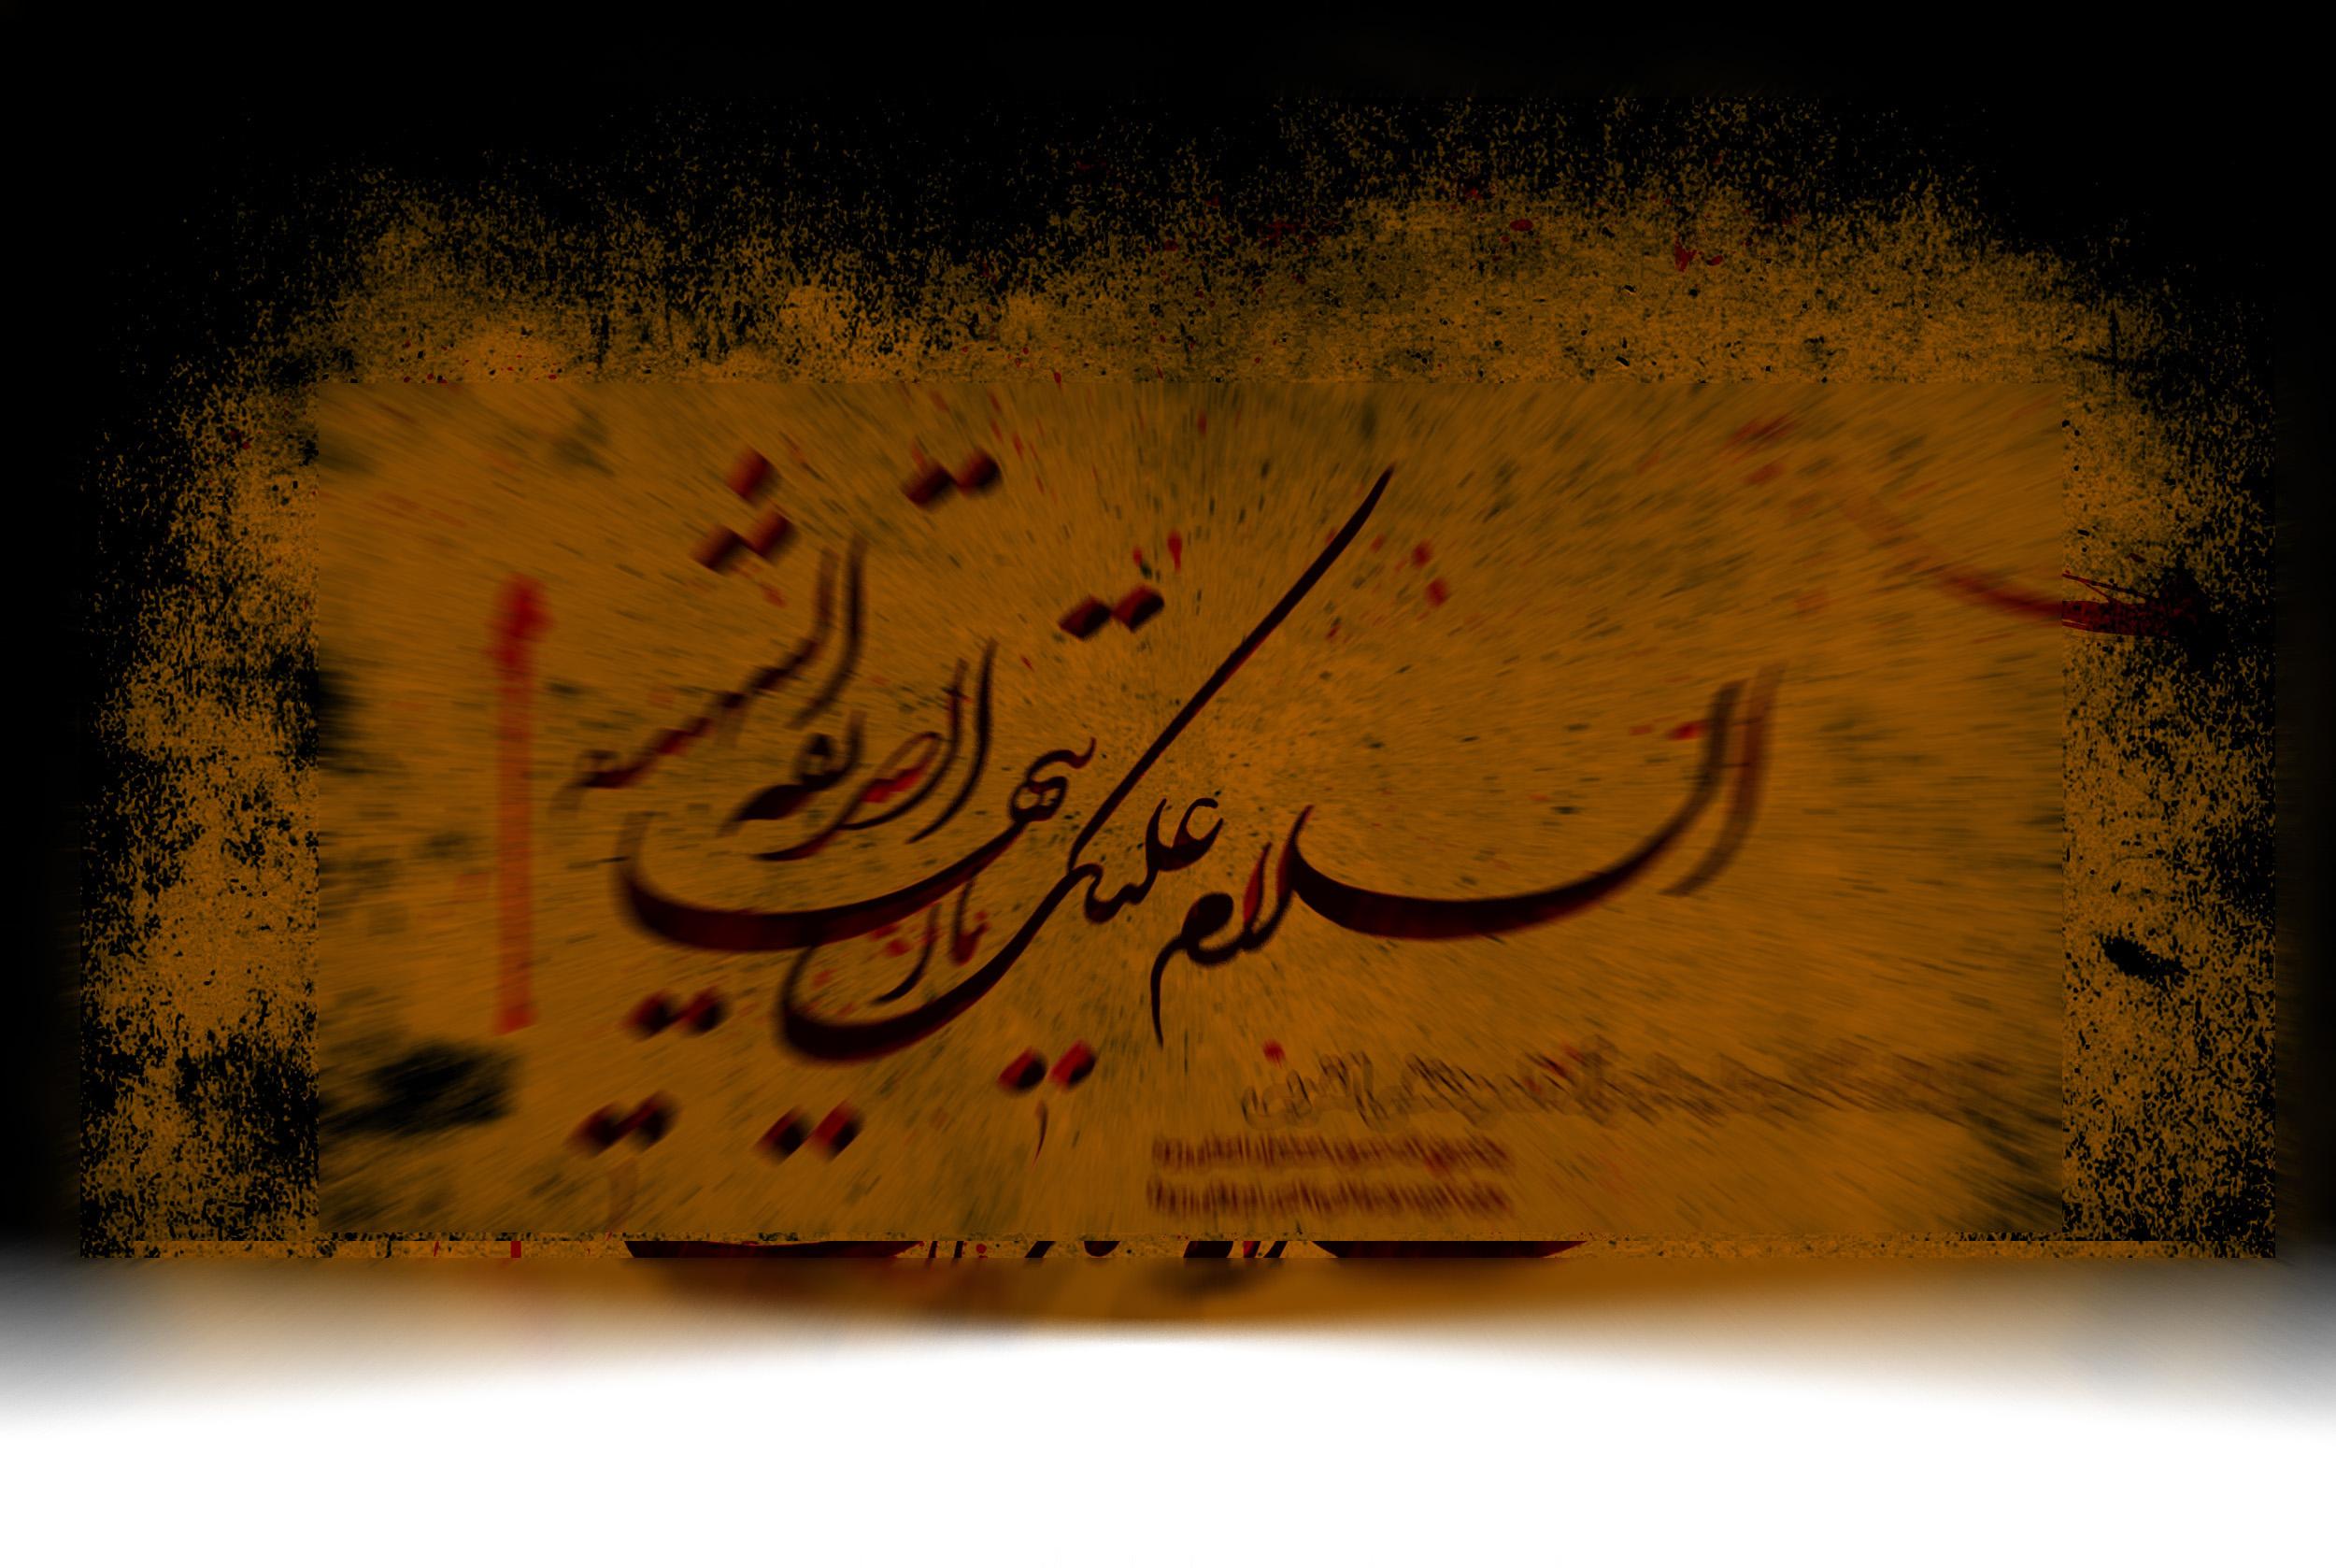 یا فاطمة الزهرا اغیثینا ...